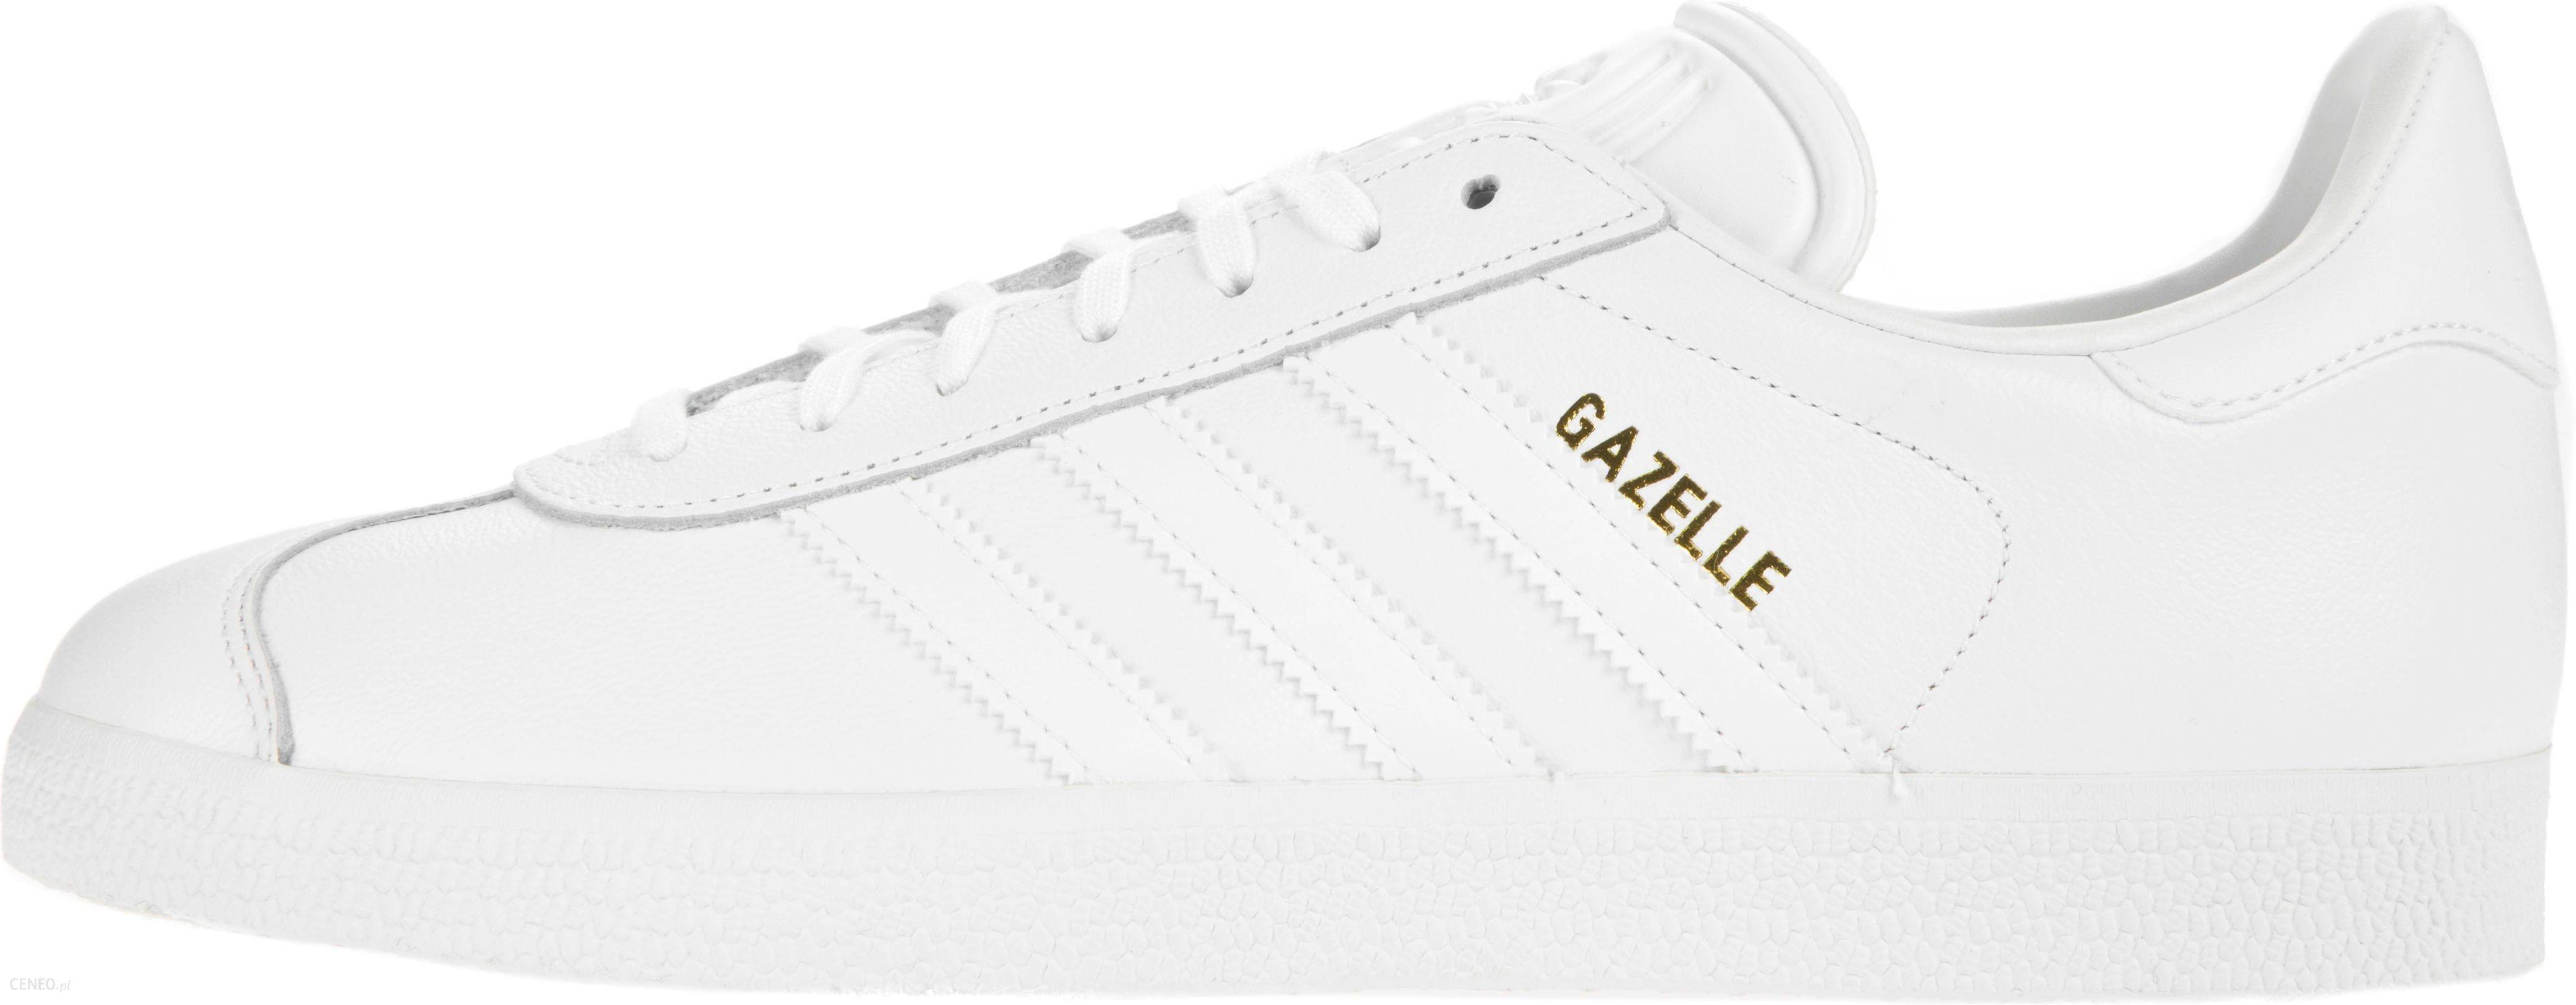 adidas gazelle damskie 40